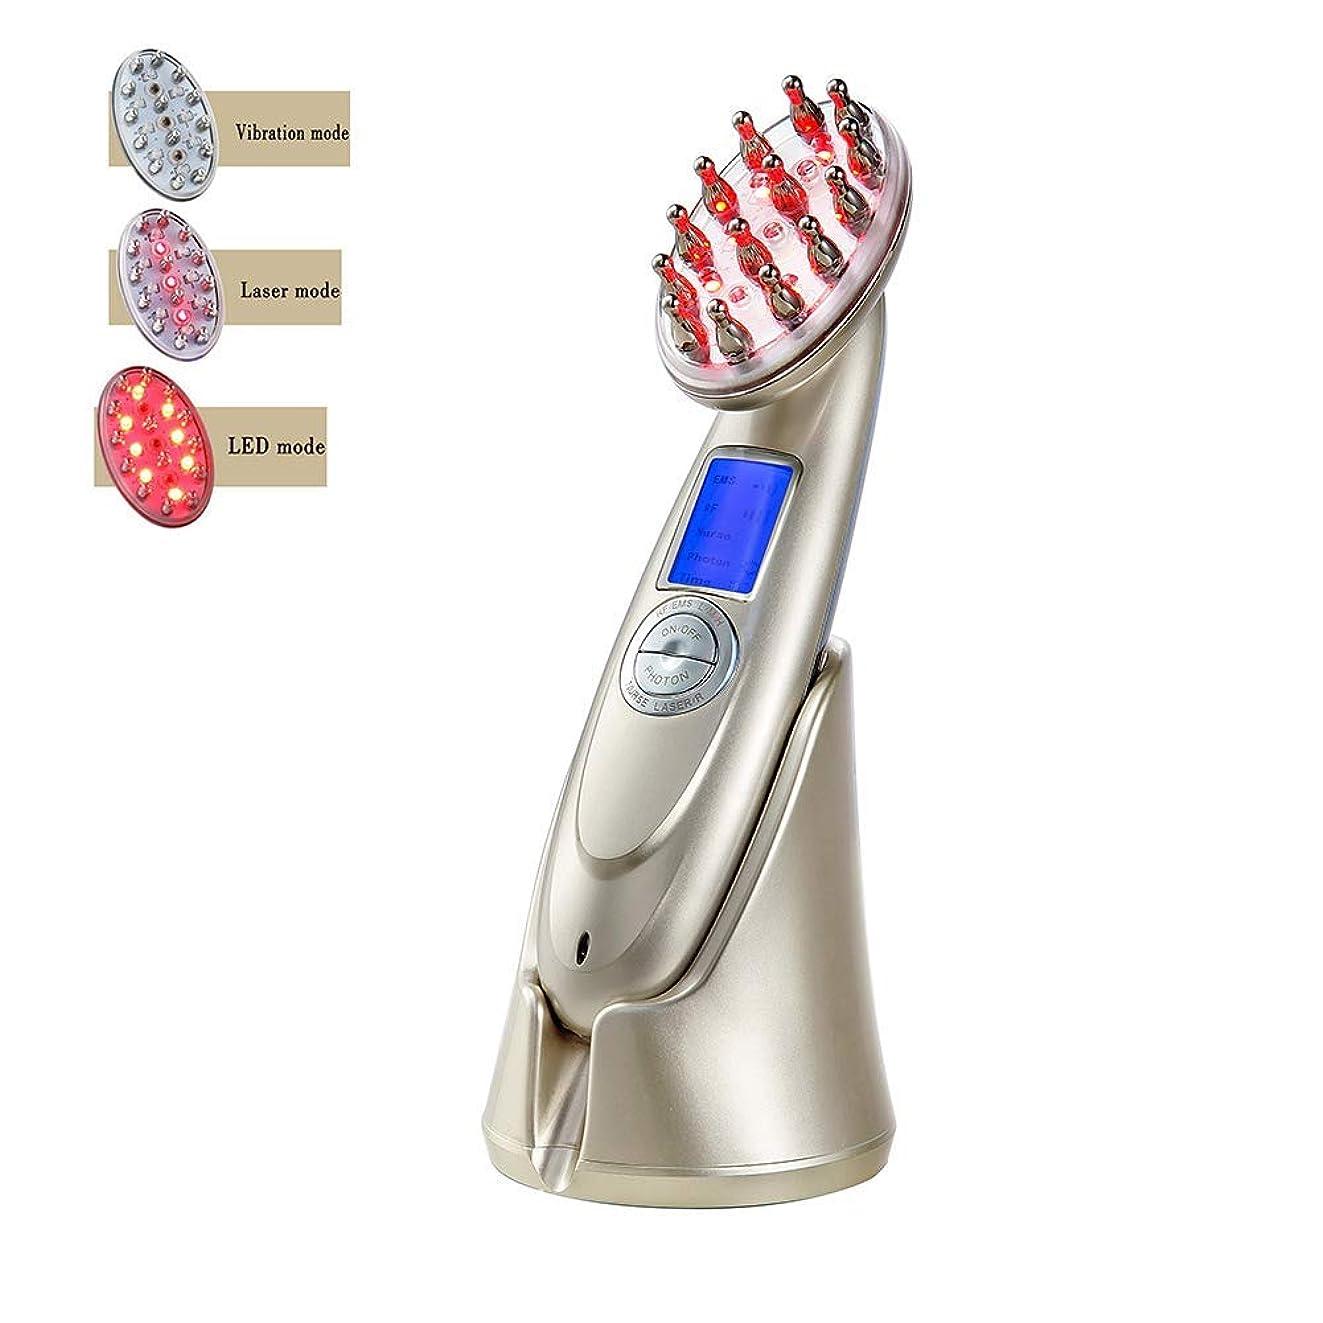 連結する建設巨大プロの電気毛の成長レーザーの櫛は RF の EMS LED の光子ライト療法のヘアブラシの反毛の損失の処置マッサージ器の毛の再生のブラシ